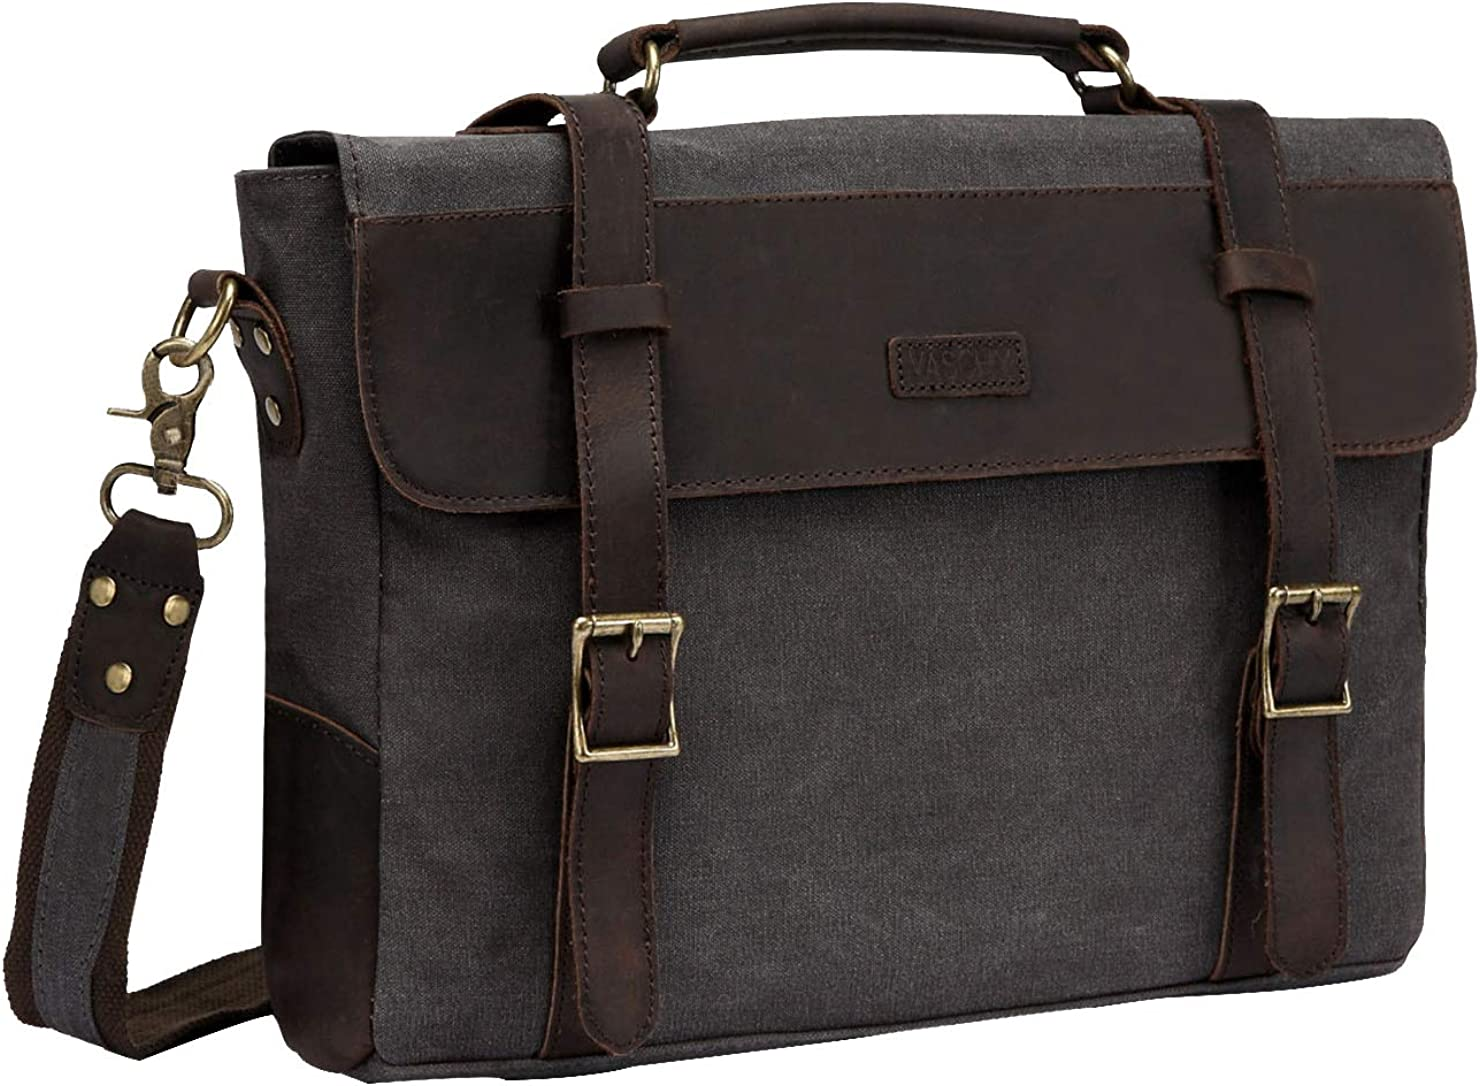 Messenger Bag for Men,Vintage Canvas Leather Canvas Laptop Satchel Shoulder Bag Business Briefcase